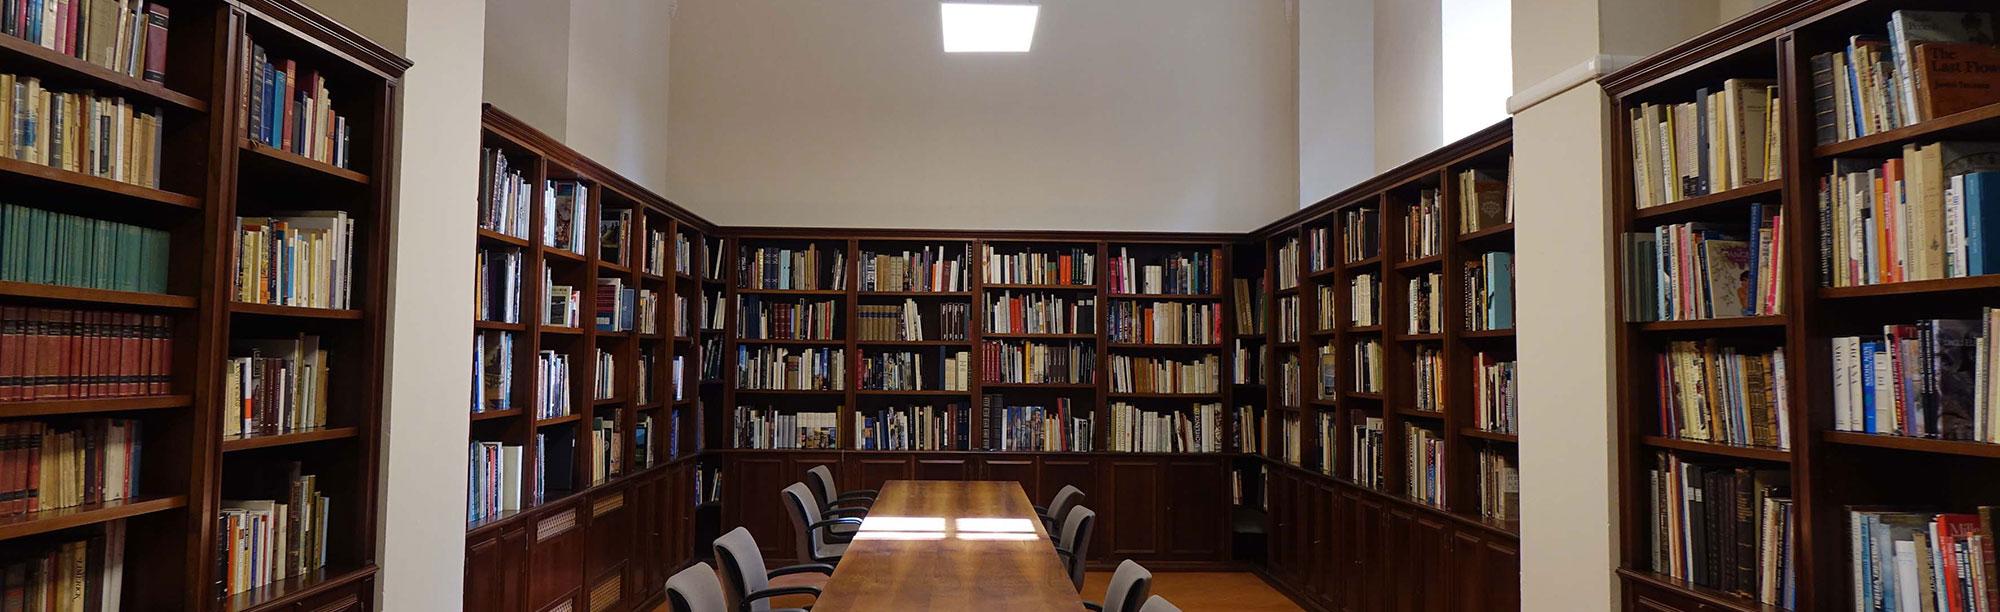 Biblioteca delle Arti dello Spettacolo Complesso di San Firenze